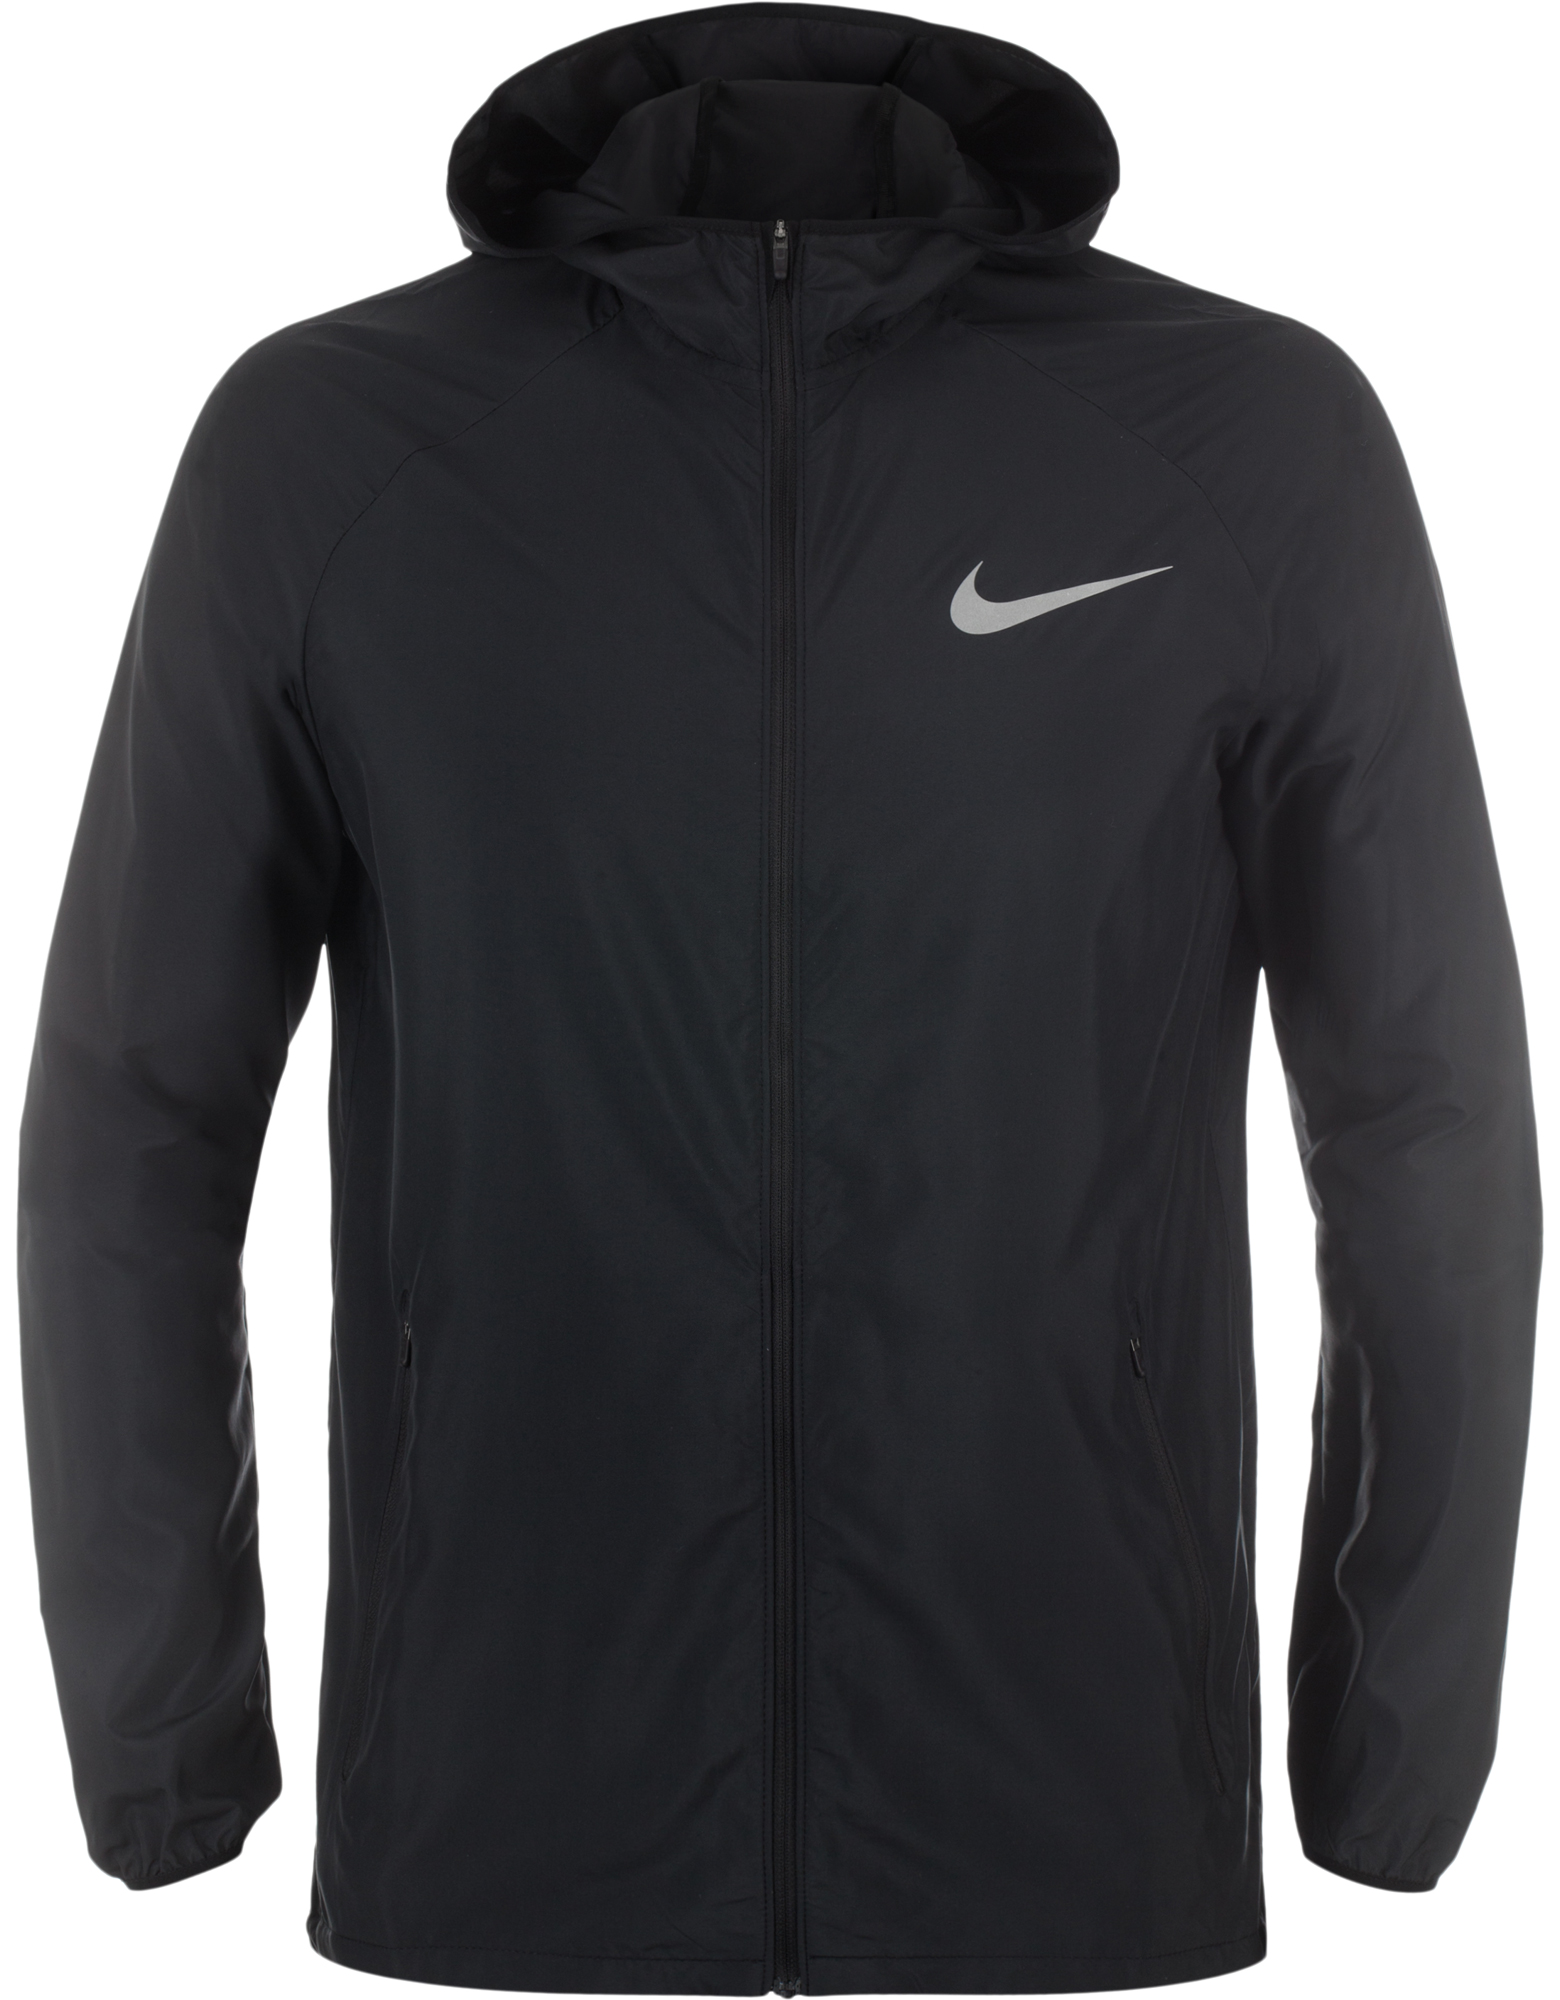 Nike Ветровка мужская  Essential Hooded, размер 44-46